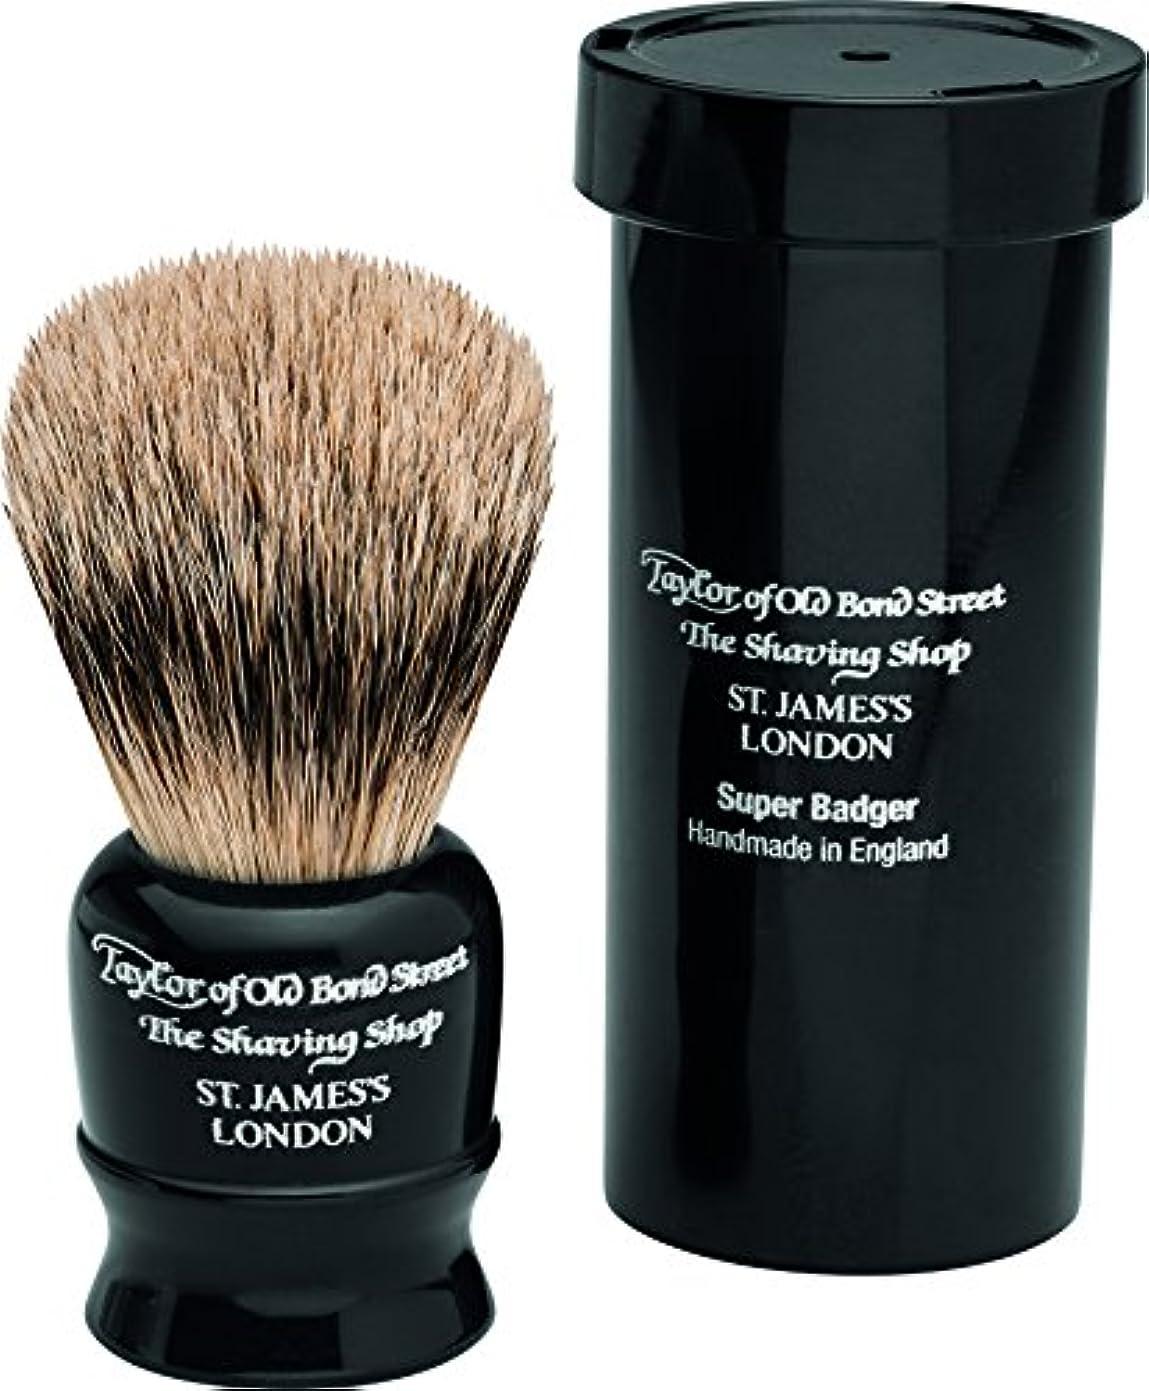 自信がある寝てる菊Travel Super Badger Shaving Brush, 8,25 cm, black - Taylor of old Bond Street